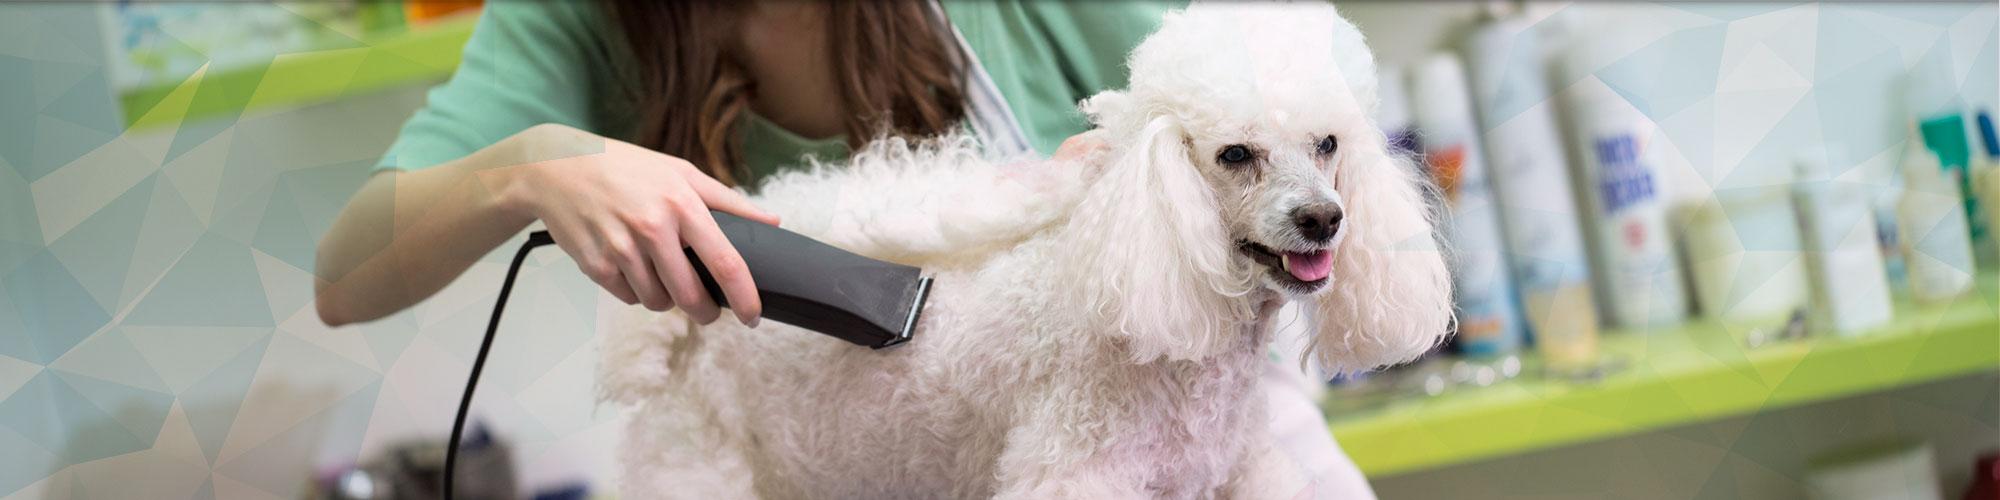 Dog Grooming | Pensacola, FL